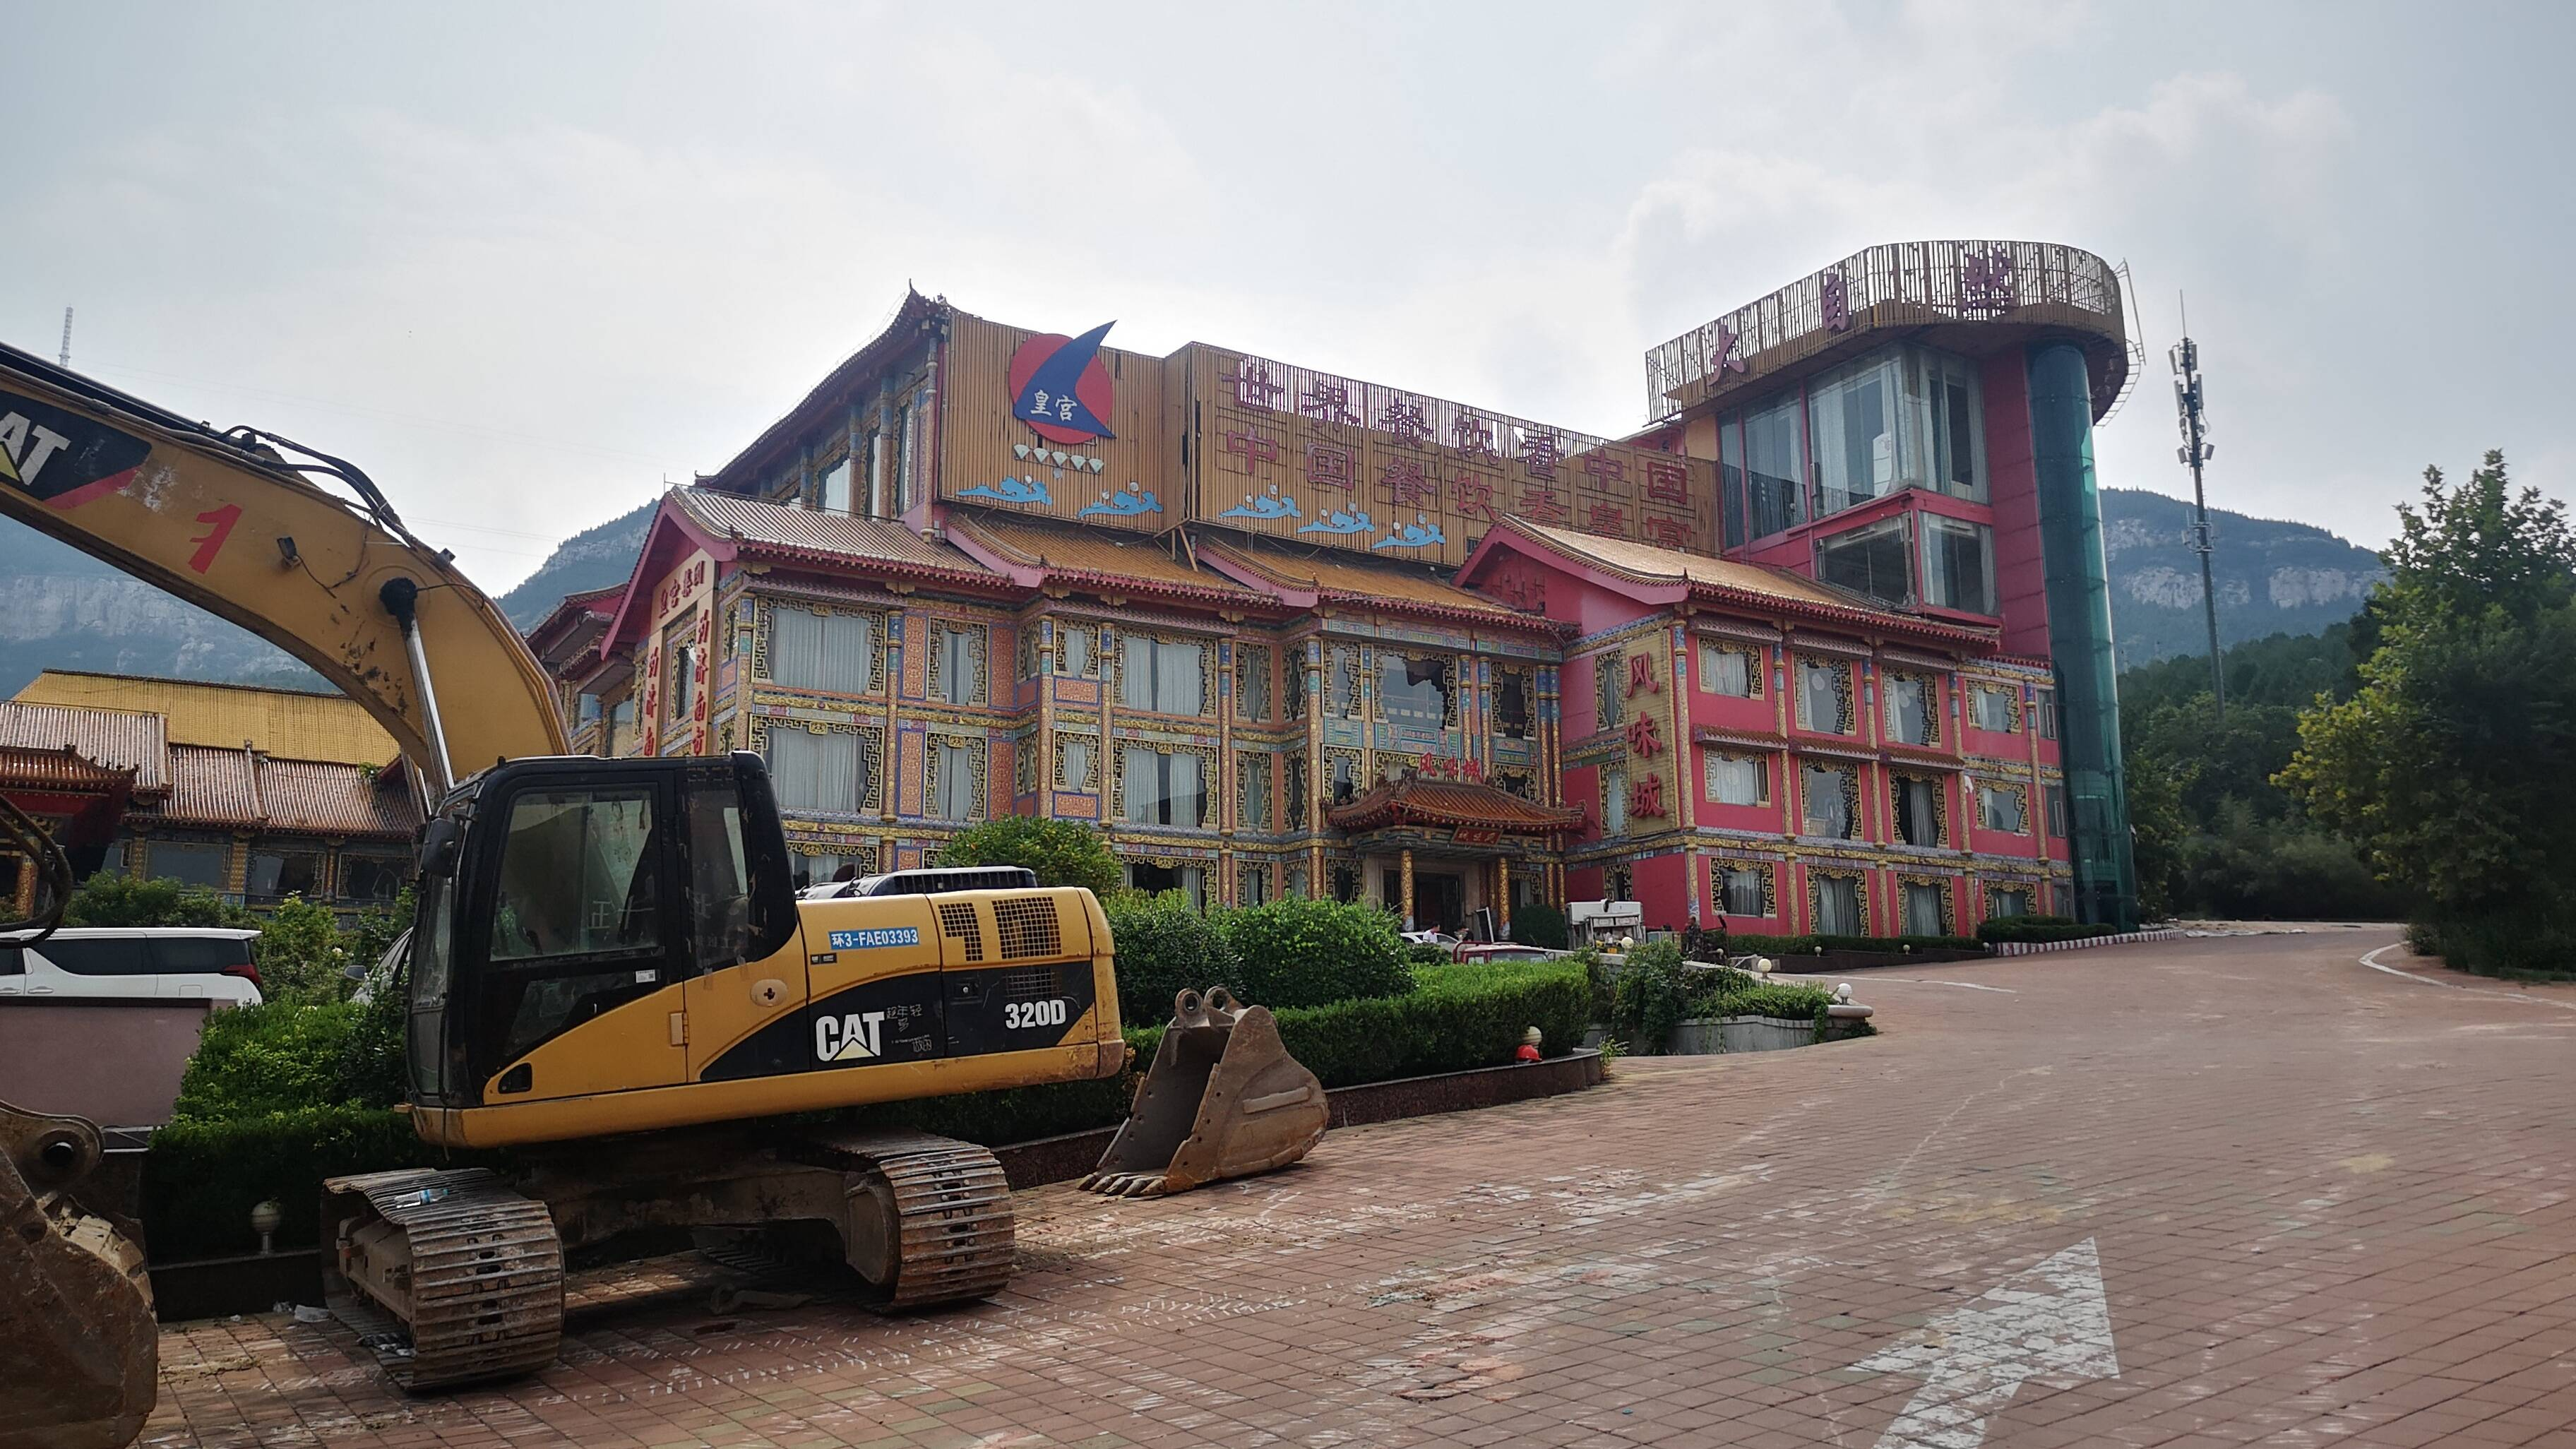 拆除在即!济南鱼翅皇宫主厅辅厅清理工作基本完成 今日800多平米员工宿舍开始拆除